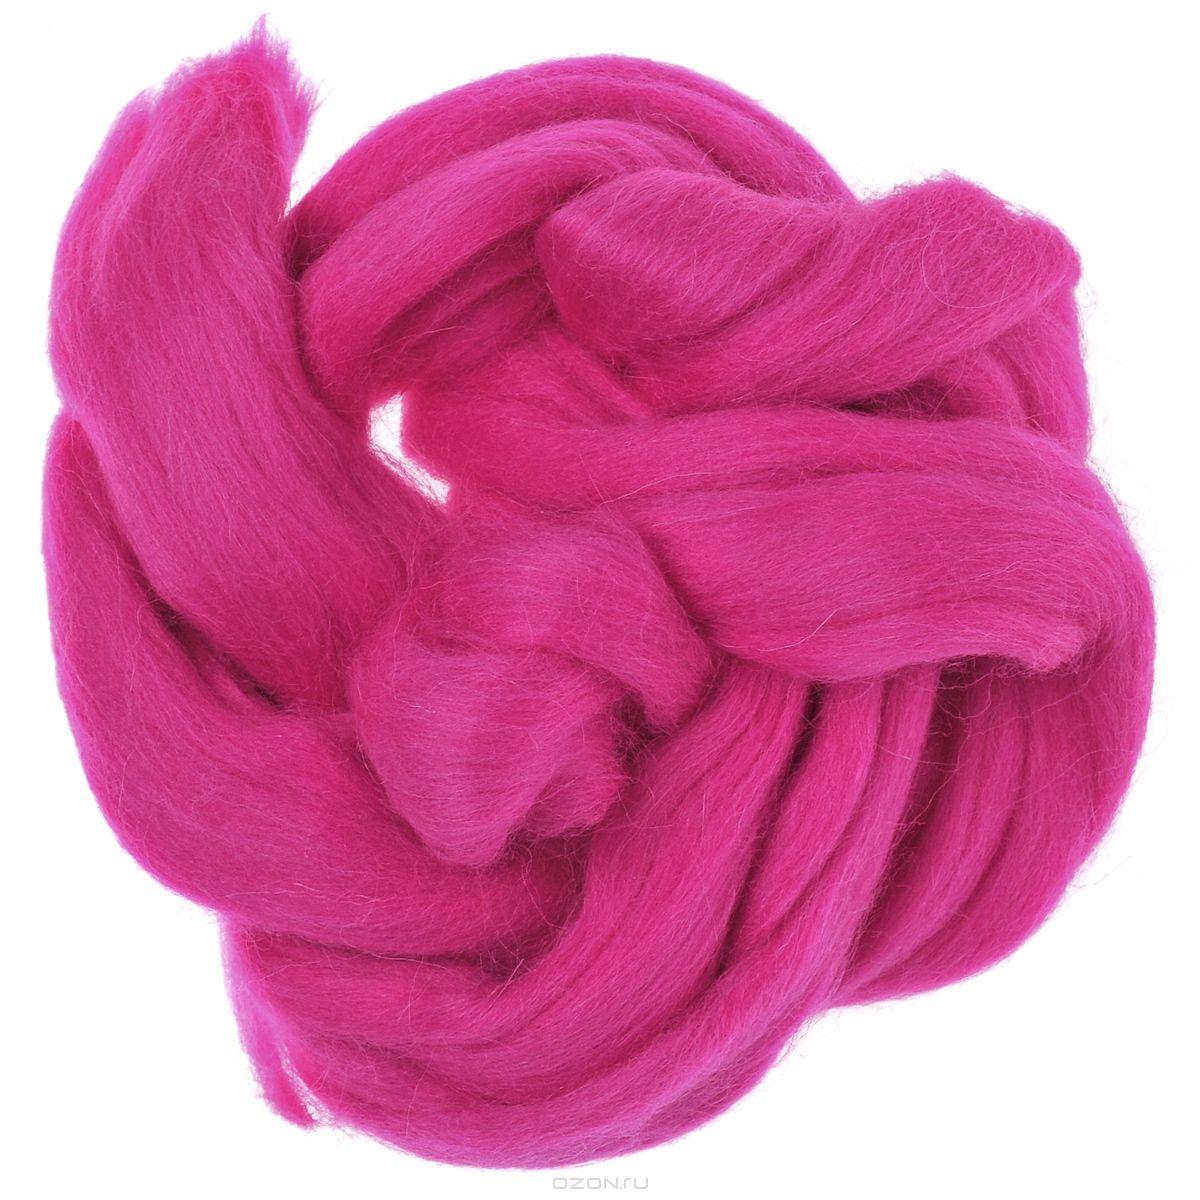 Шерсть для валяния Астра, тонкая, цвет: мальва (1014), 100 г366137_1014Тонкая шерсть для валяния Астра идеально подходит для сухого и мокрого валяния. Шерсть не линяет и не вызывает аллергию. Выполнена из 100% натурального материала. Валяние шерсти - это особая техника рукоделия, в процессе которой из шерсти для валяния создается рисунок на ткани или войлоке, объемные игрушки, панно, декоративные элементы, предметы одежды или аксессуары. Только натуральная шерсть обладает способностью сваливаться или свойлачиваться.